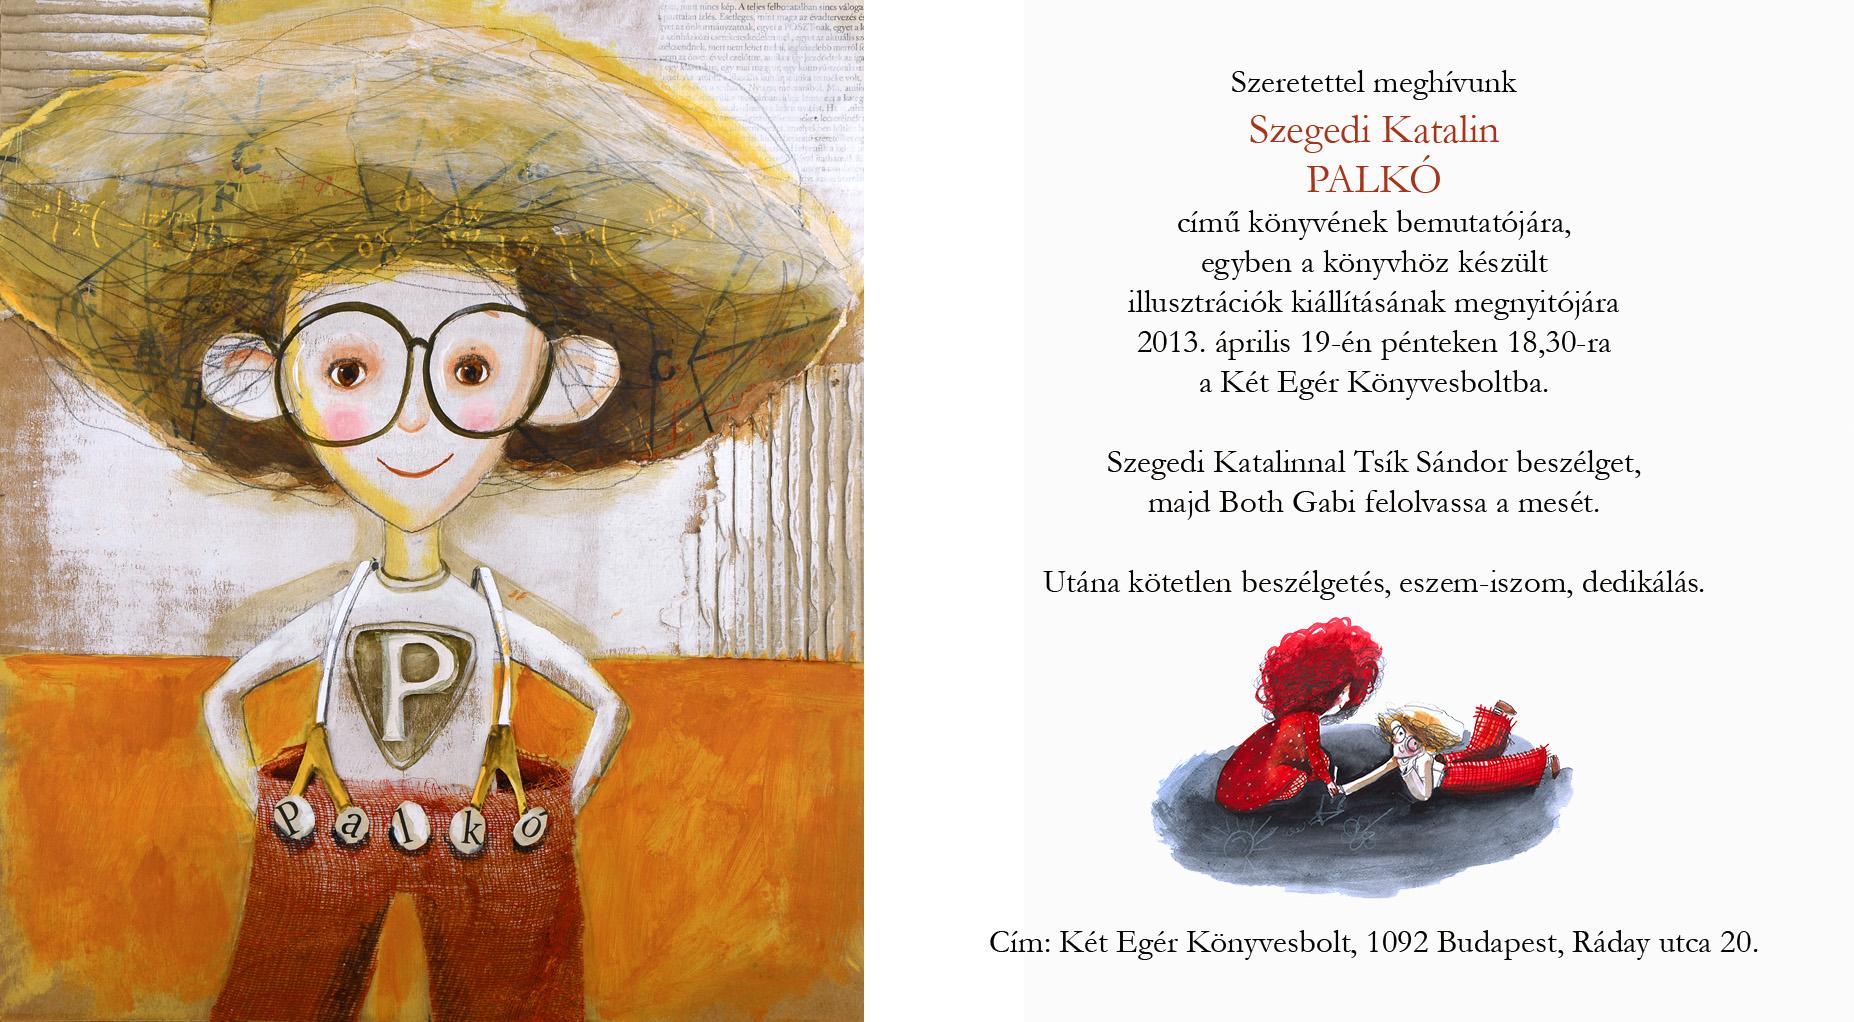 szülinapi zsúr meghívó szöveg Szegedi Katalin Palkó című könyvének bemutatója   CsimotaBlog szülinapi zsúr meghívó szöveg